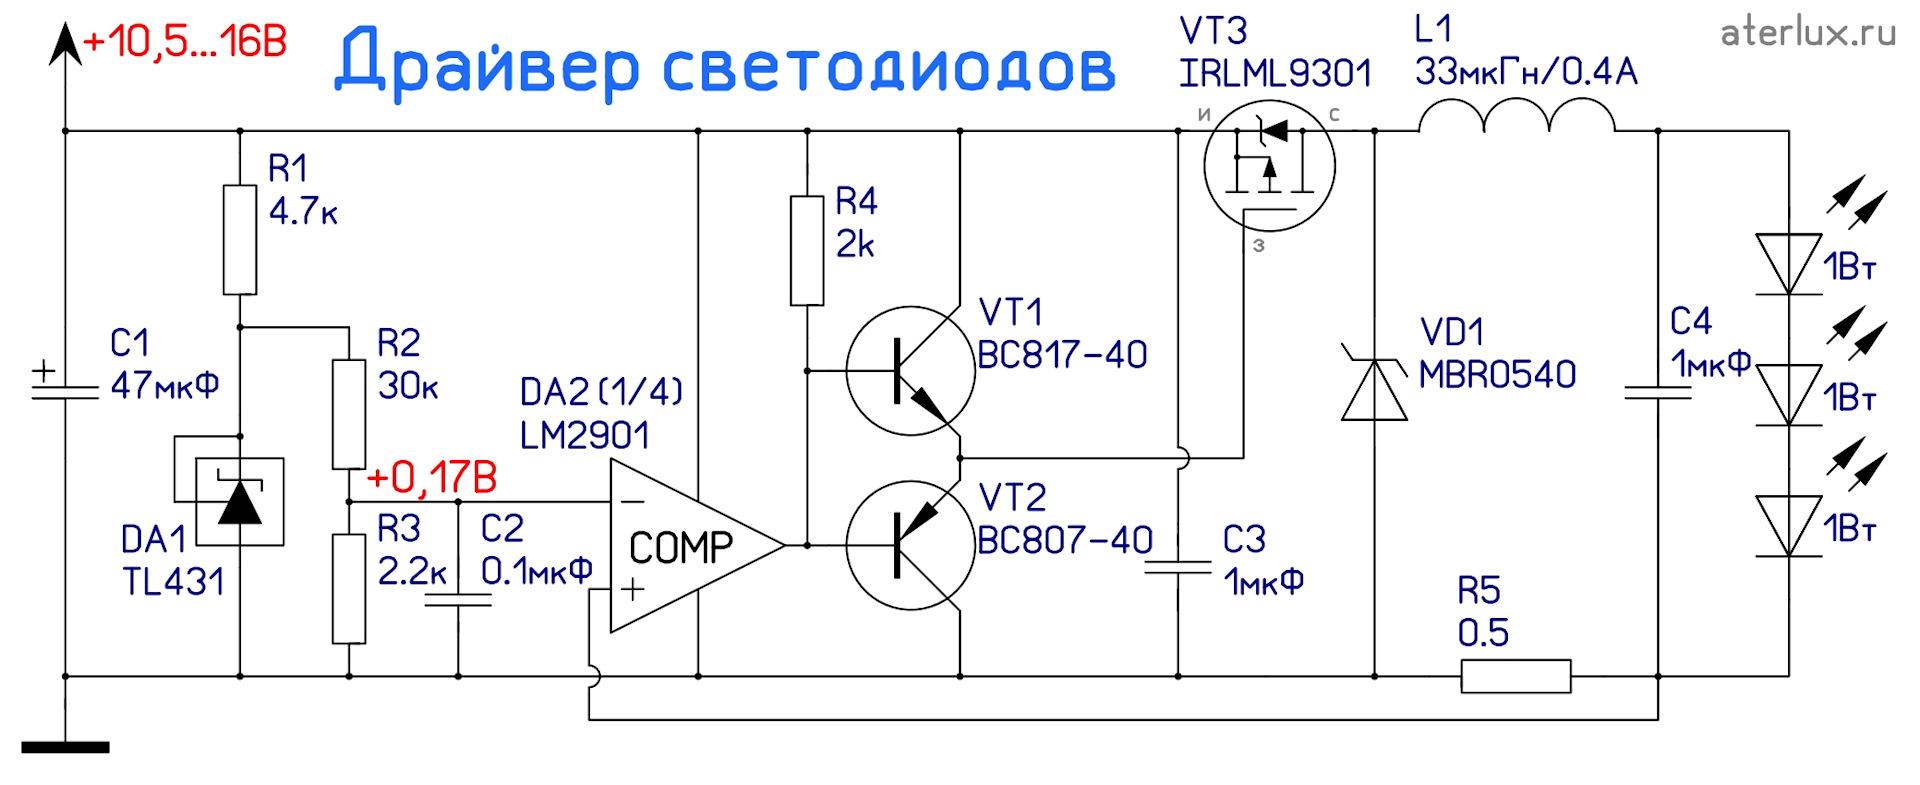 Схема драйверов для 3 вт